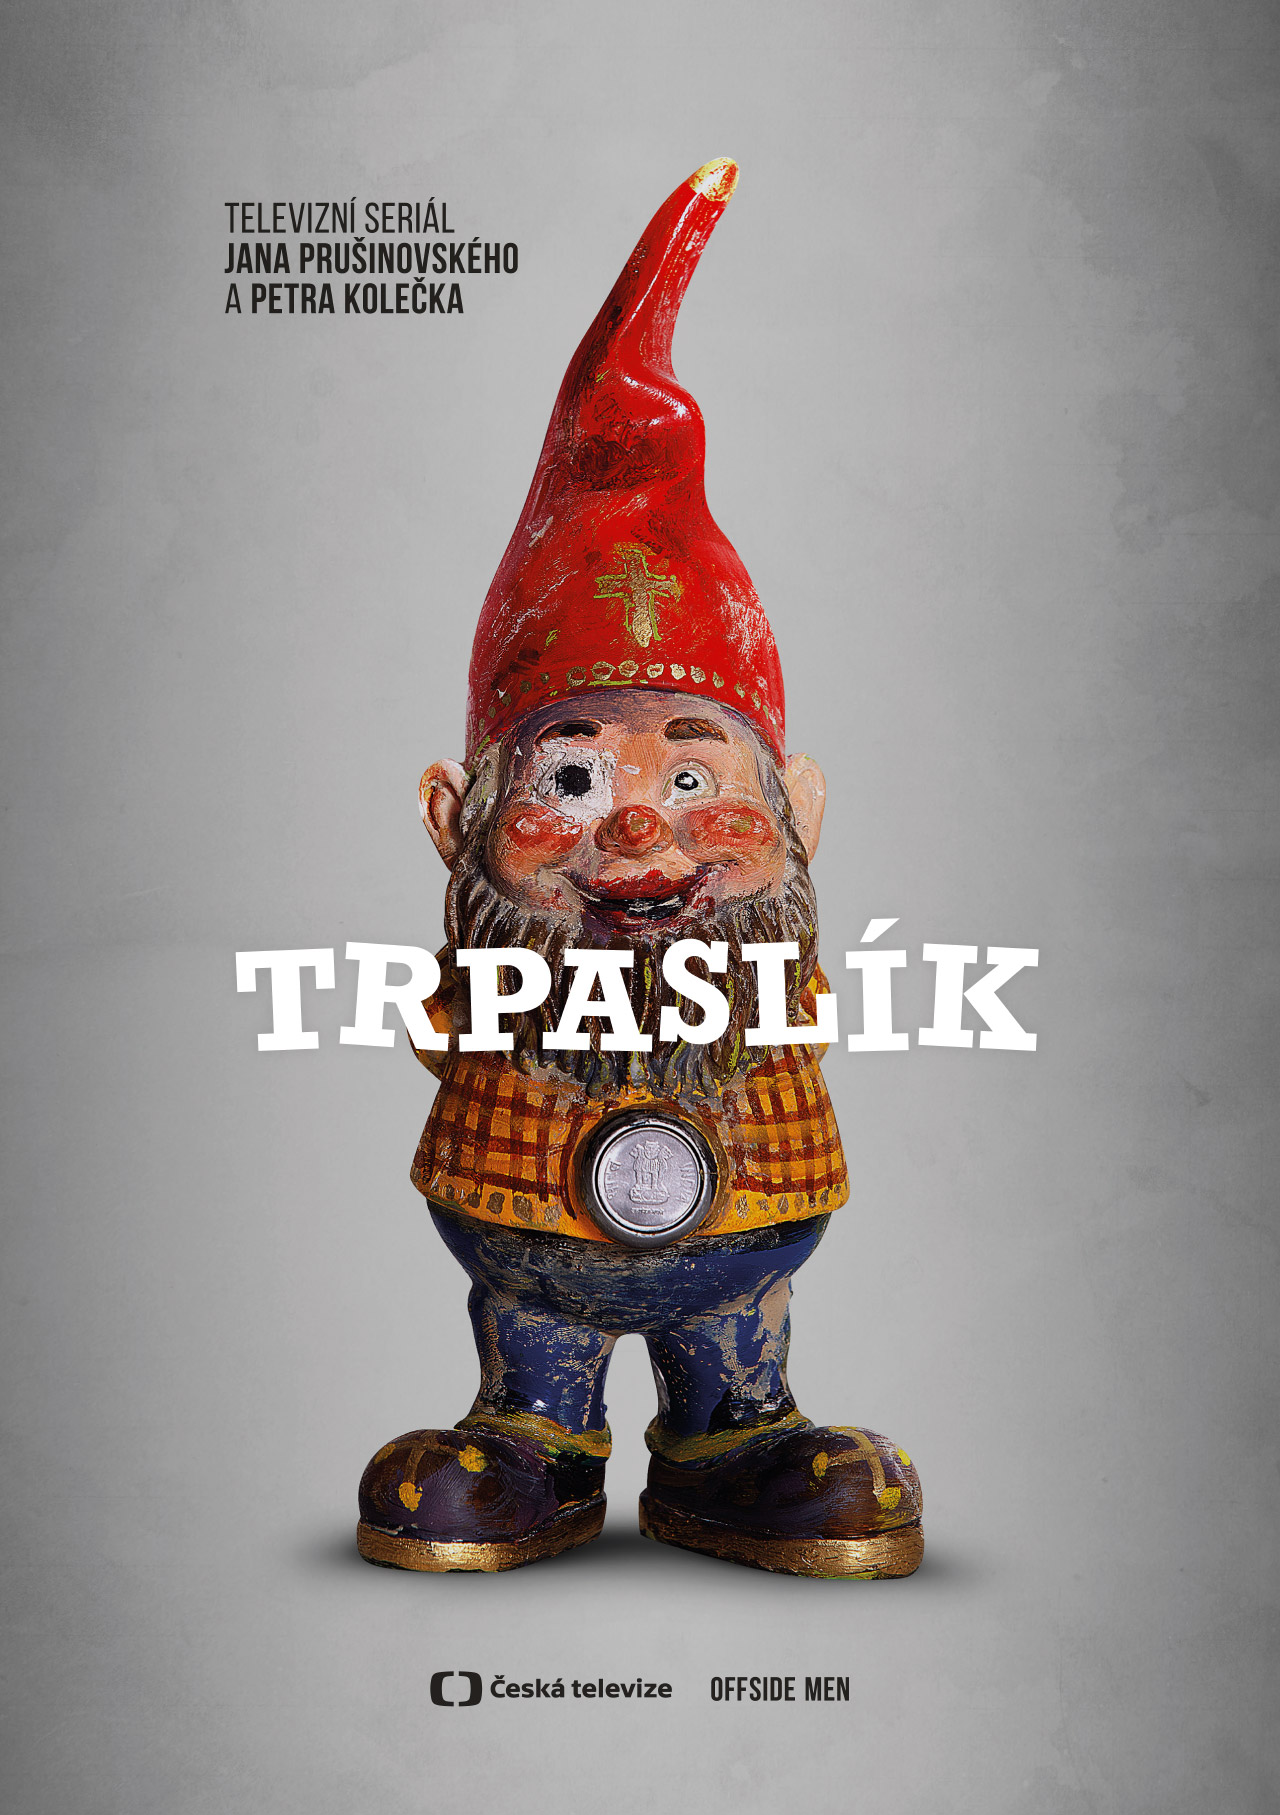 http://img.ceskatelevize.cz/program/porady/11263972409/foto09/plakat.jpg